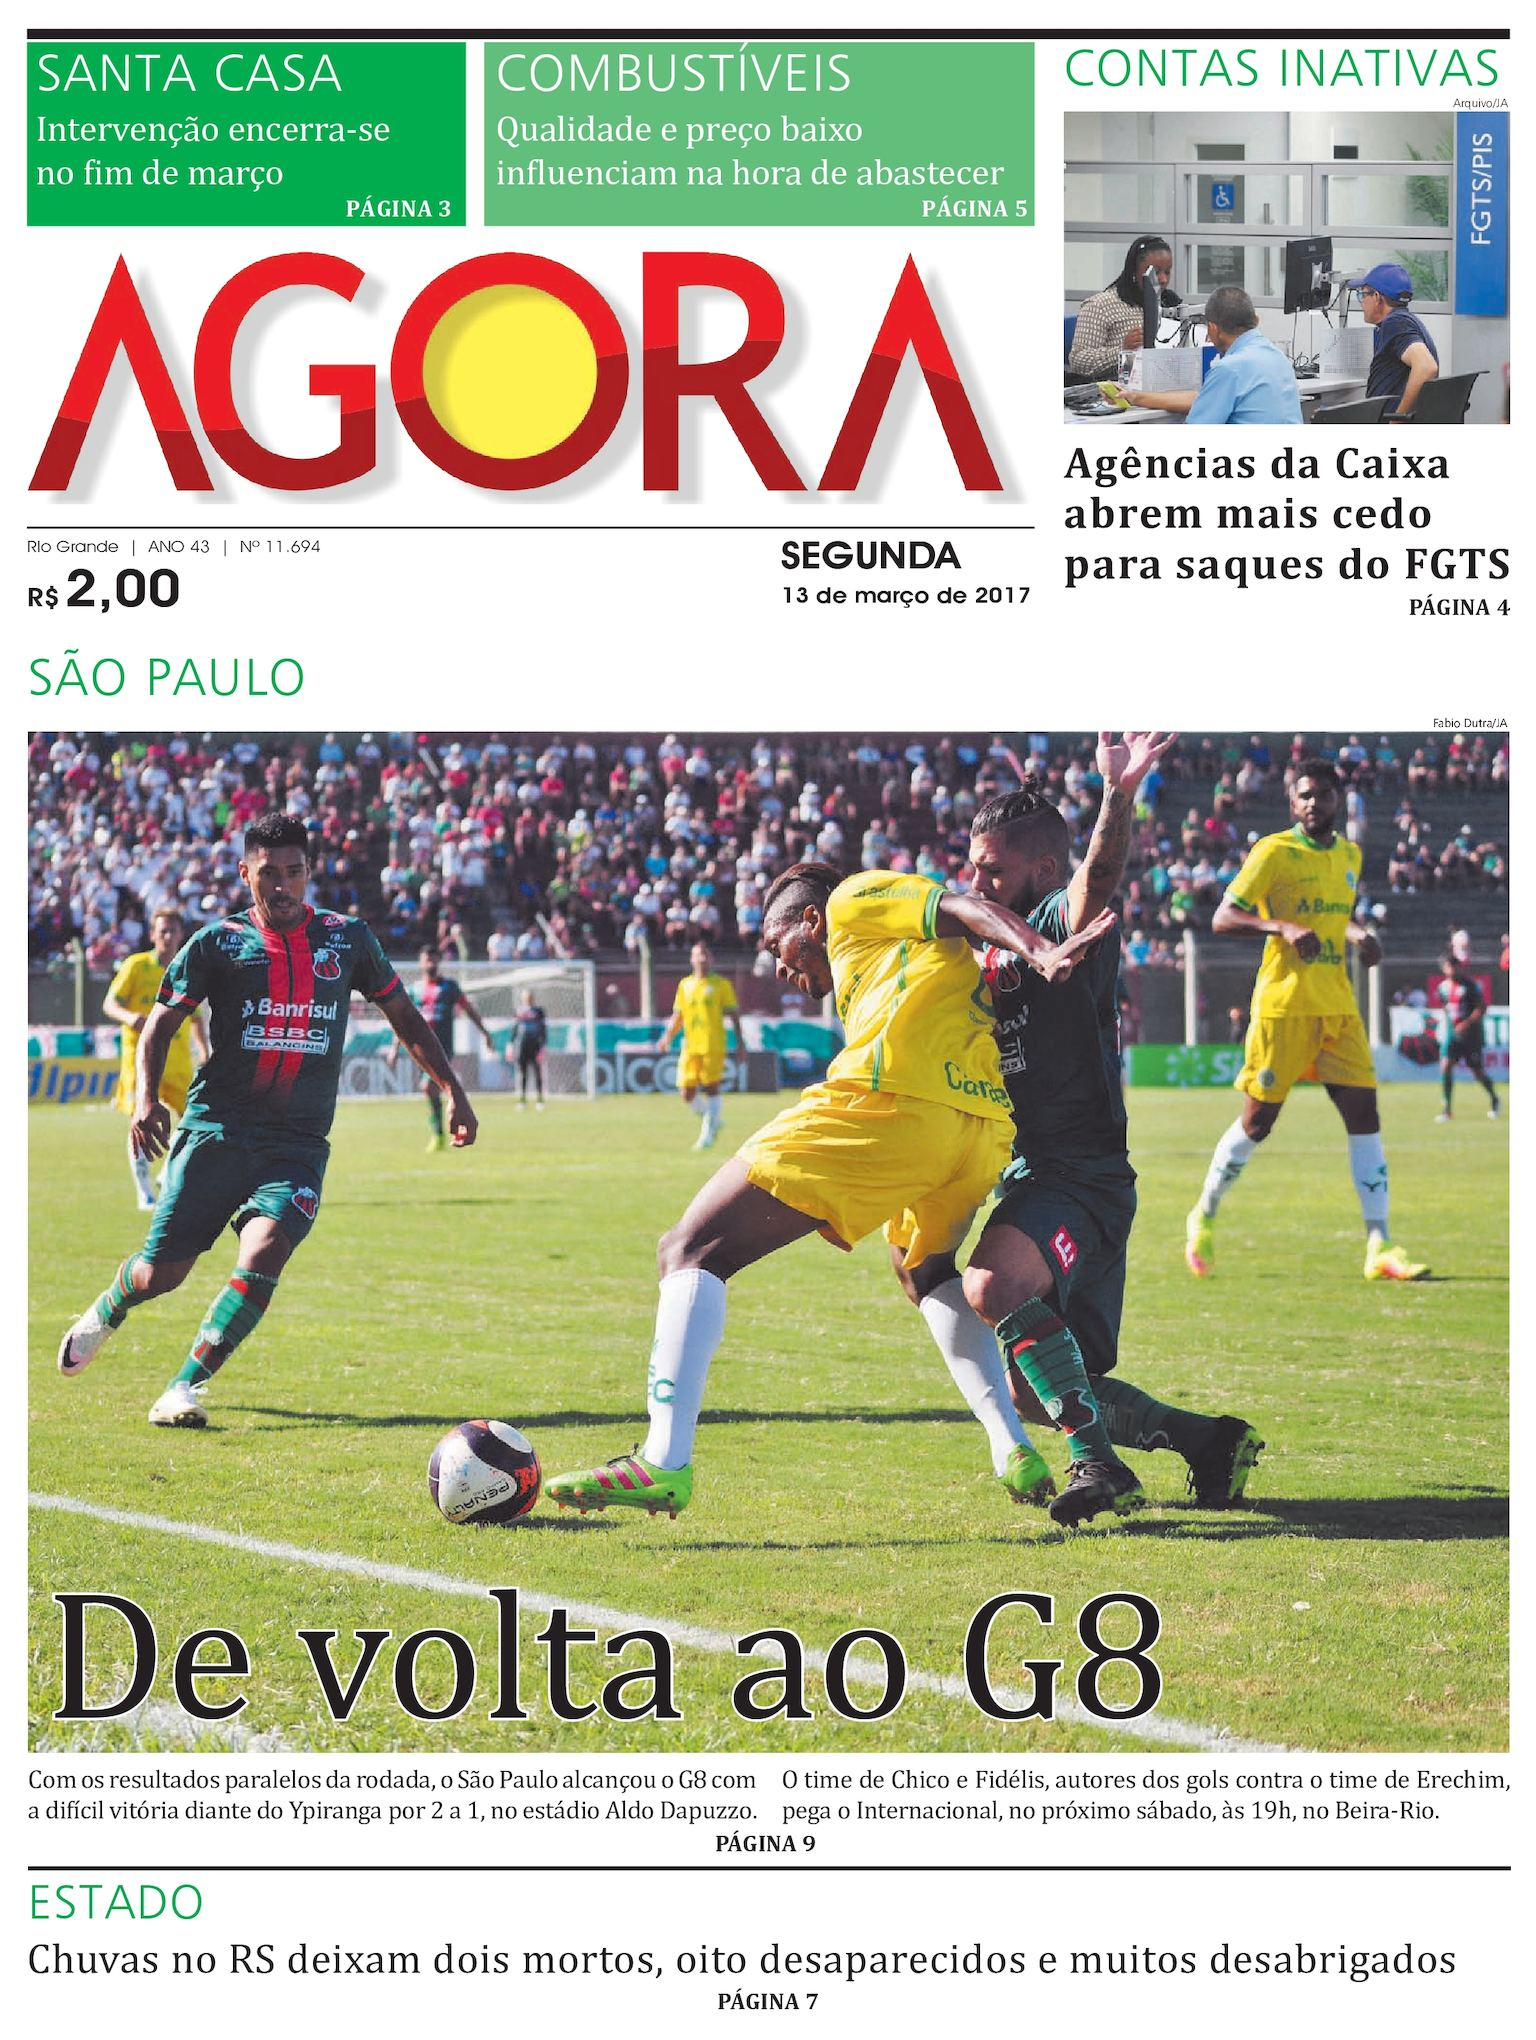 Jornal Agora - Edição 11694 - 13 de Março de 2017